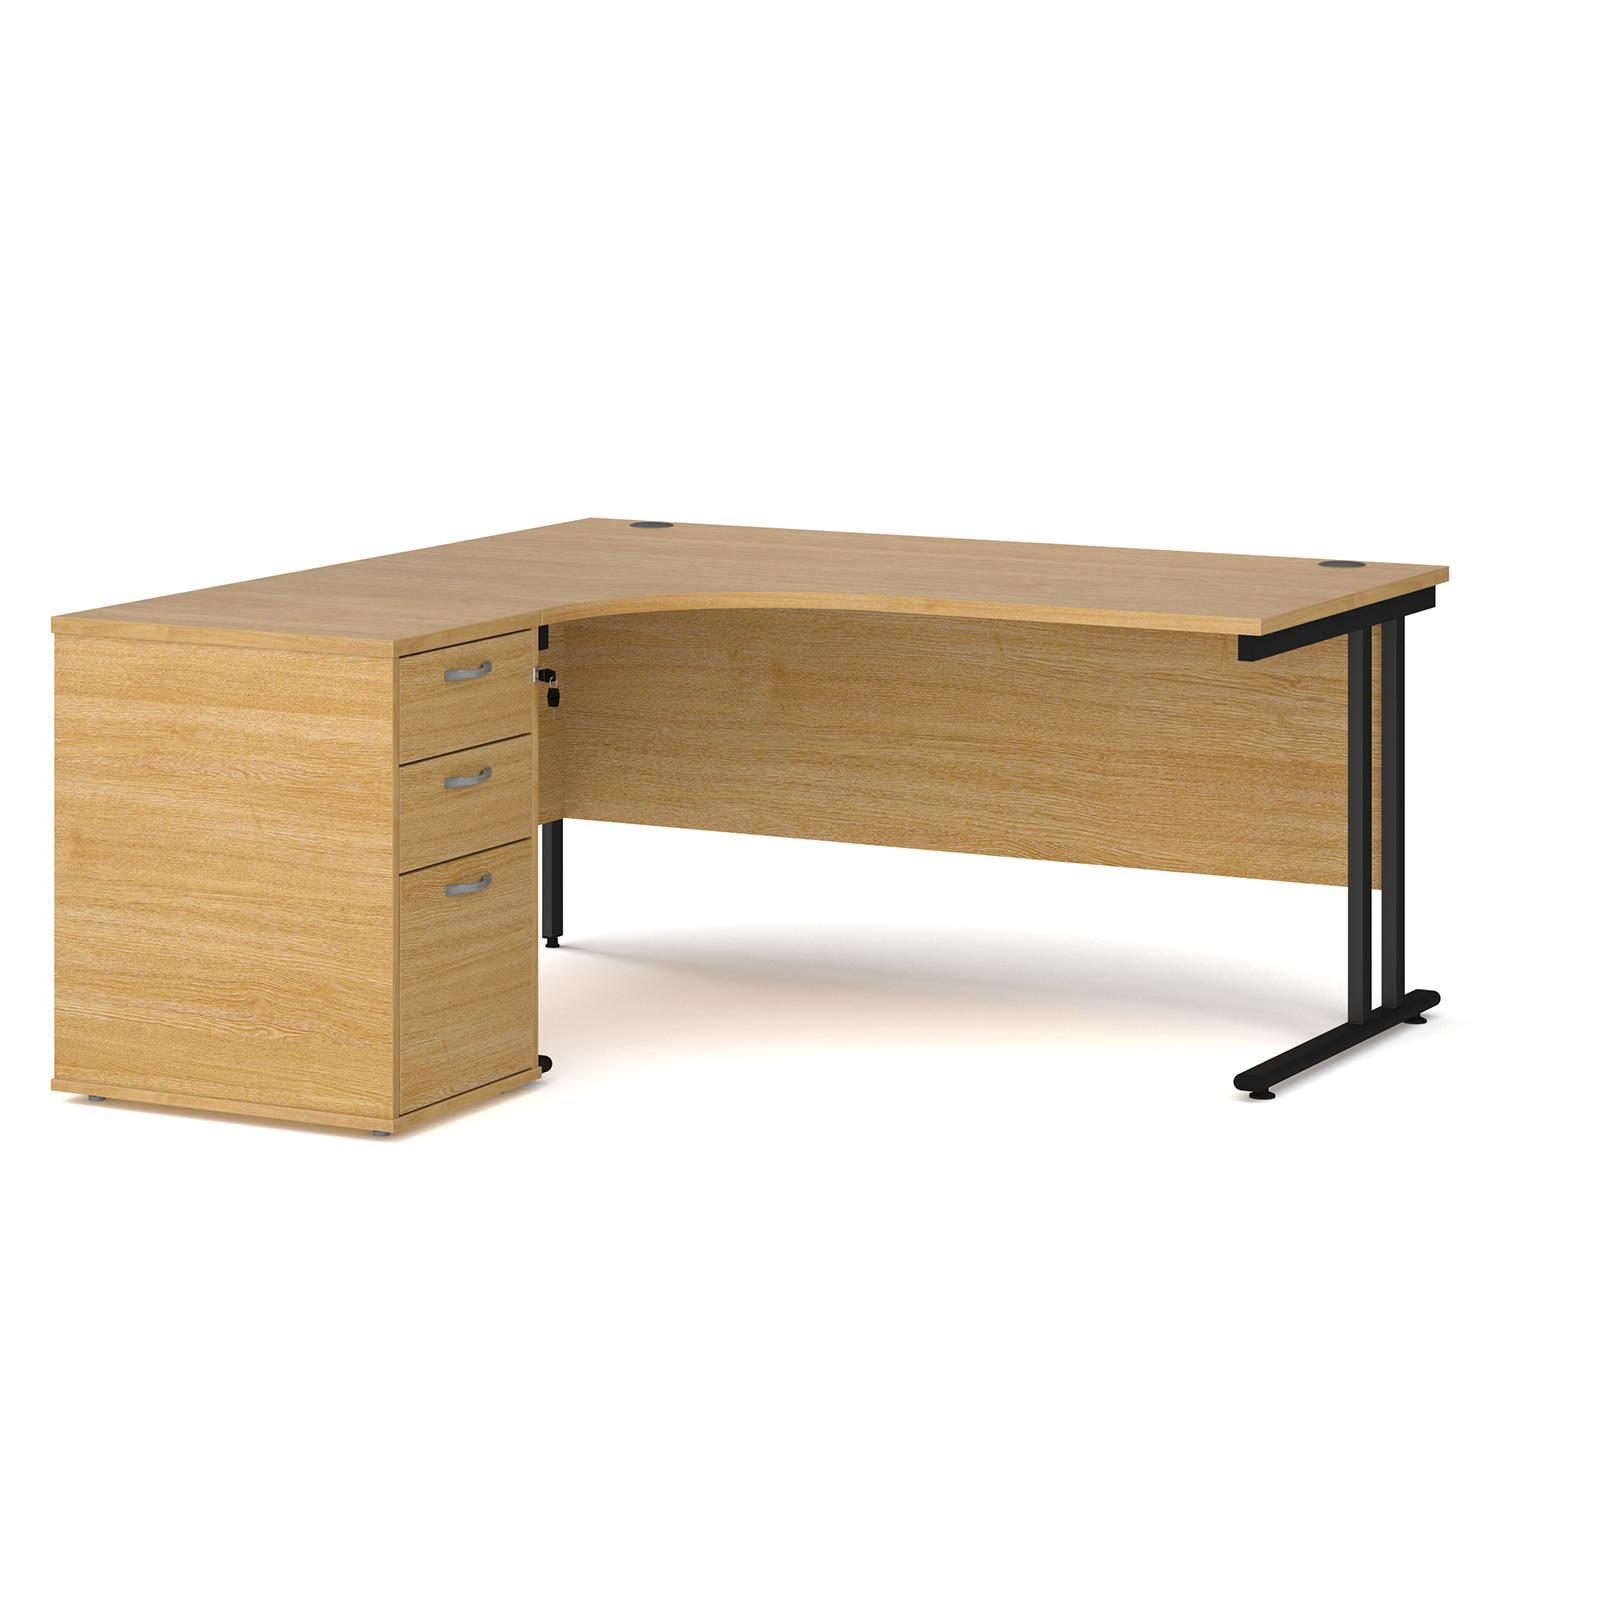 Left Handed Maestro 25 left hand ergonomic desk 1600mm with black cantilever frame and desk high pedestal - oak